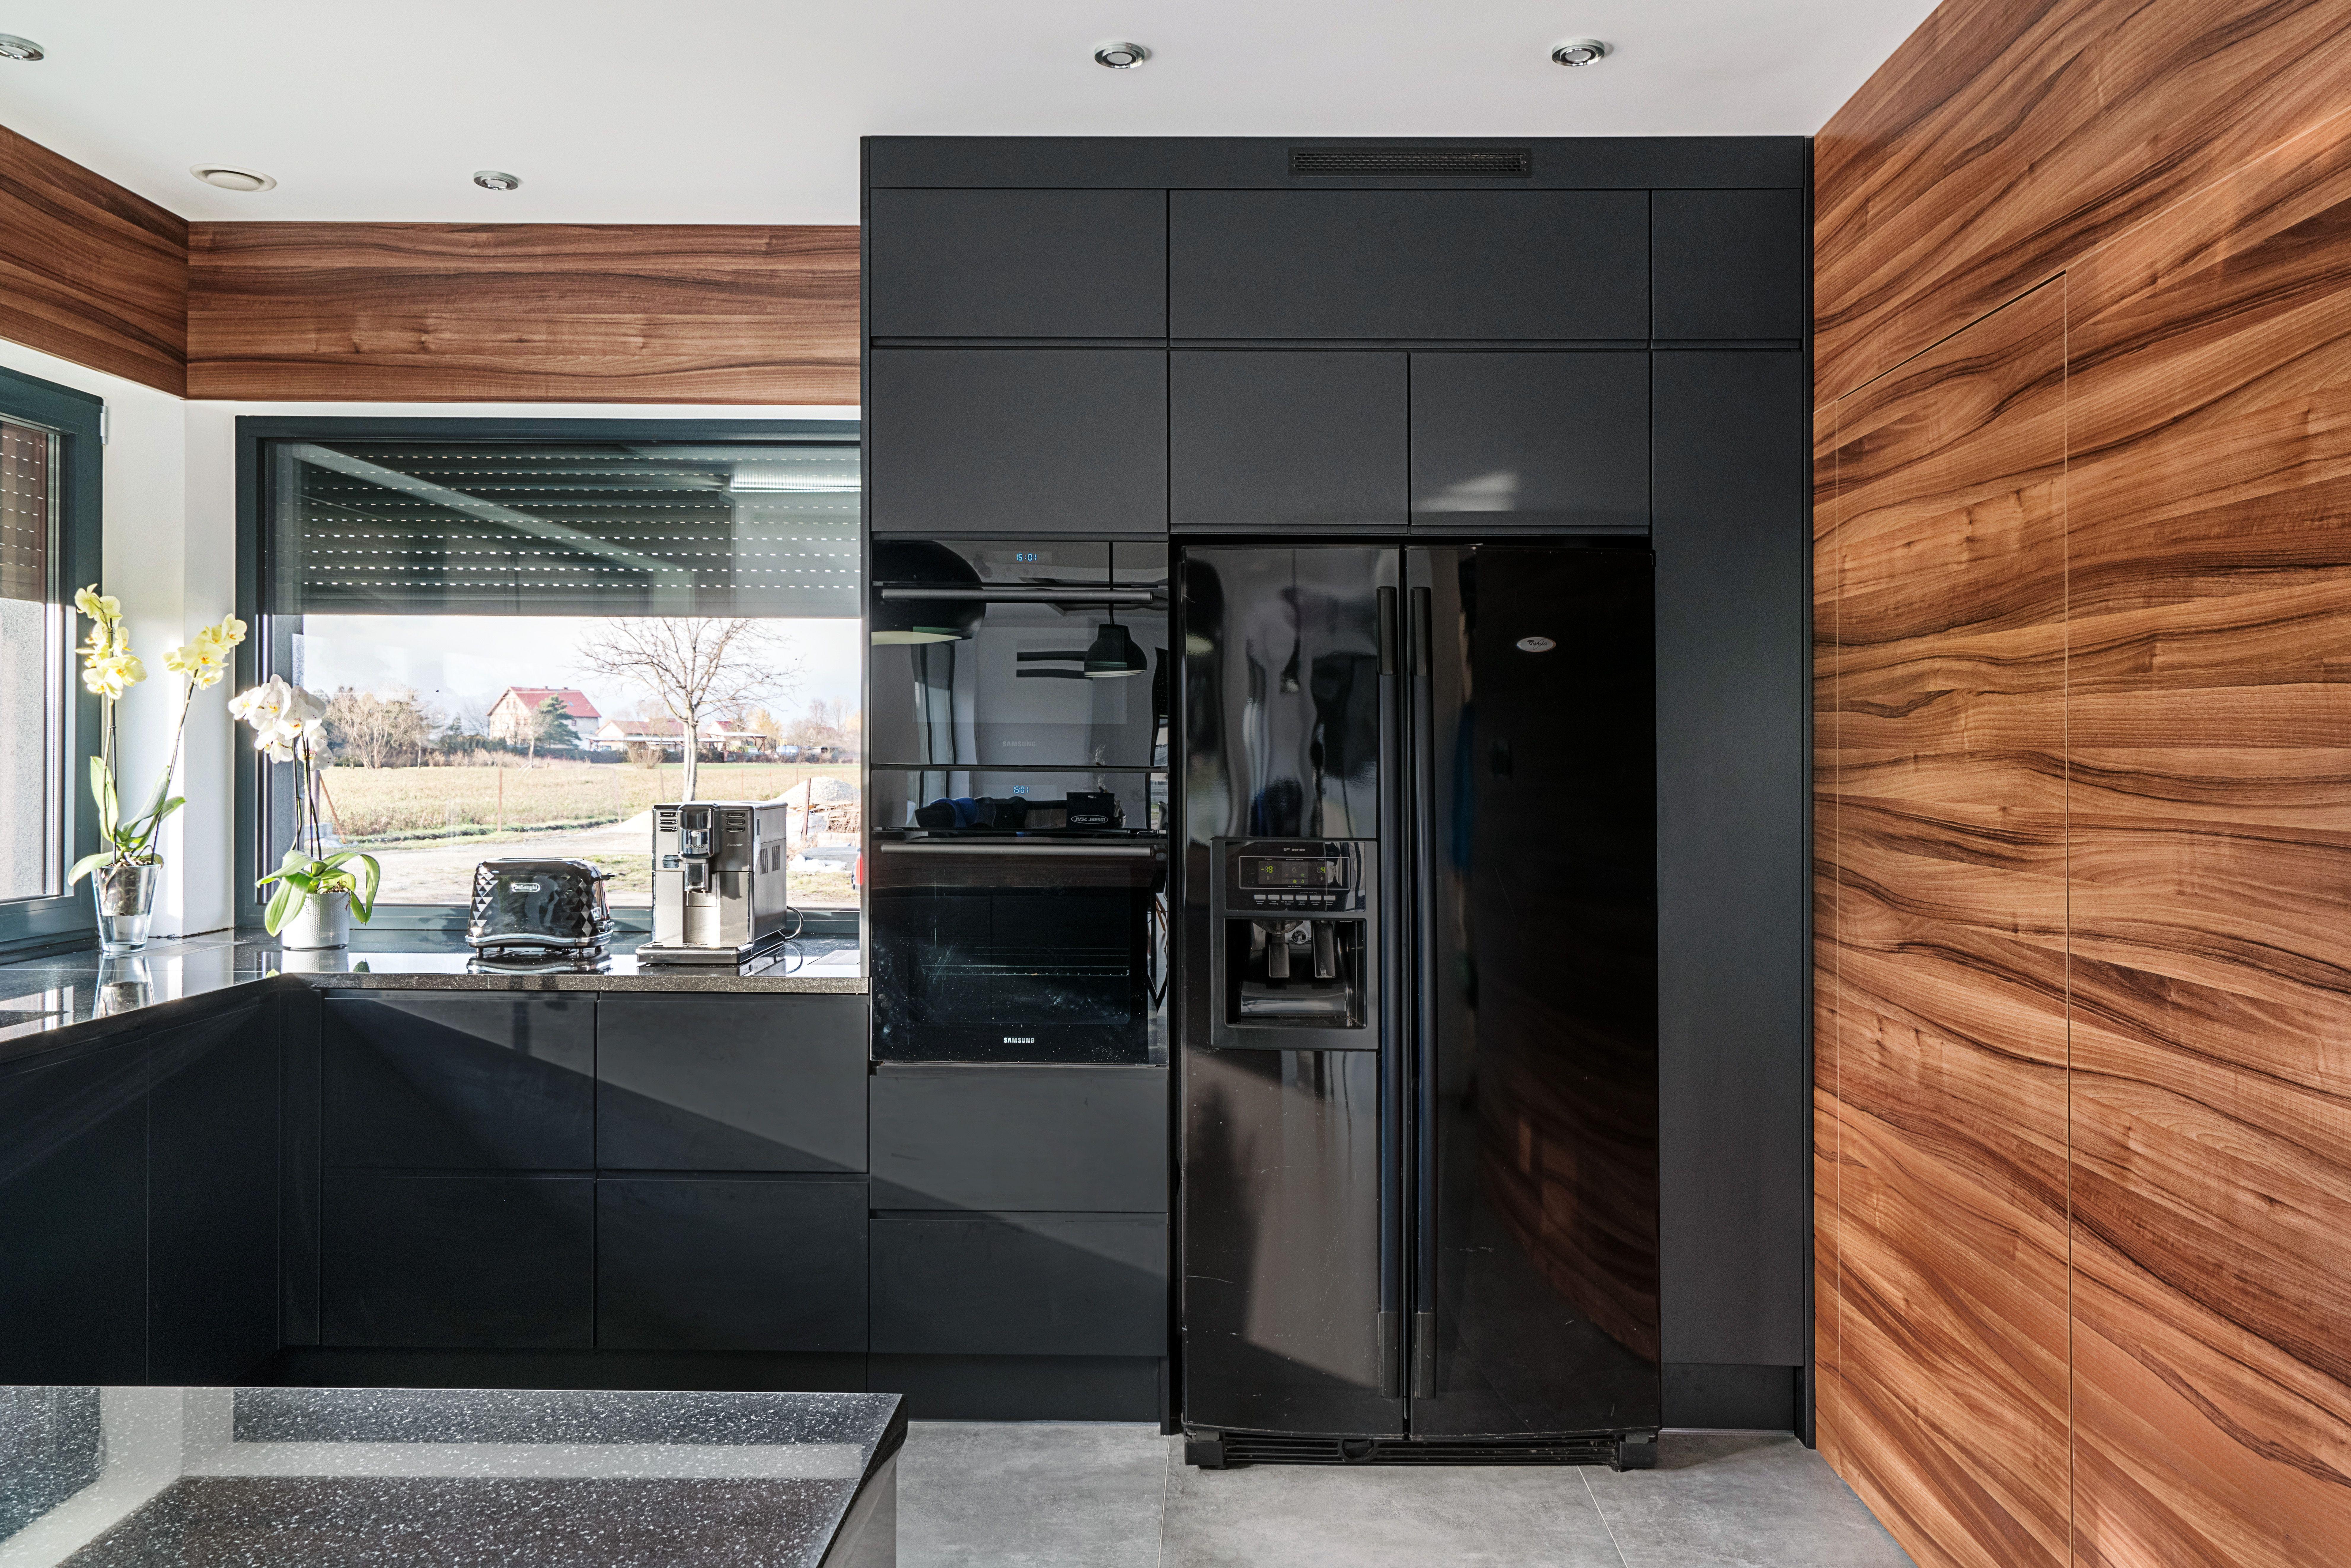 Matowe Fronty W Polaczeniu Z Drewnem O Mocnym Uslojeniu Wprowadzaja Ekskluzywny Klimat Plyta Drewnopodobna Nadaje Kuch Kitchen Room Design Kitchen Design Home